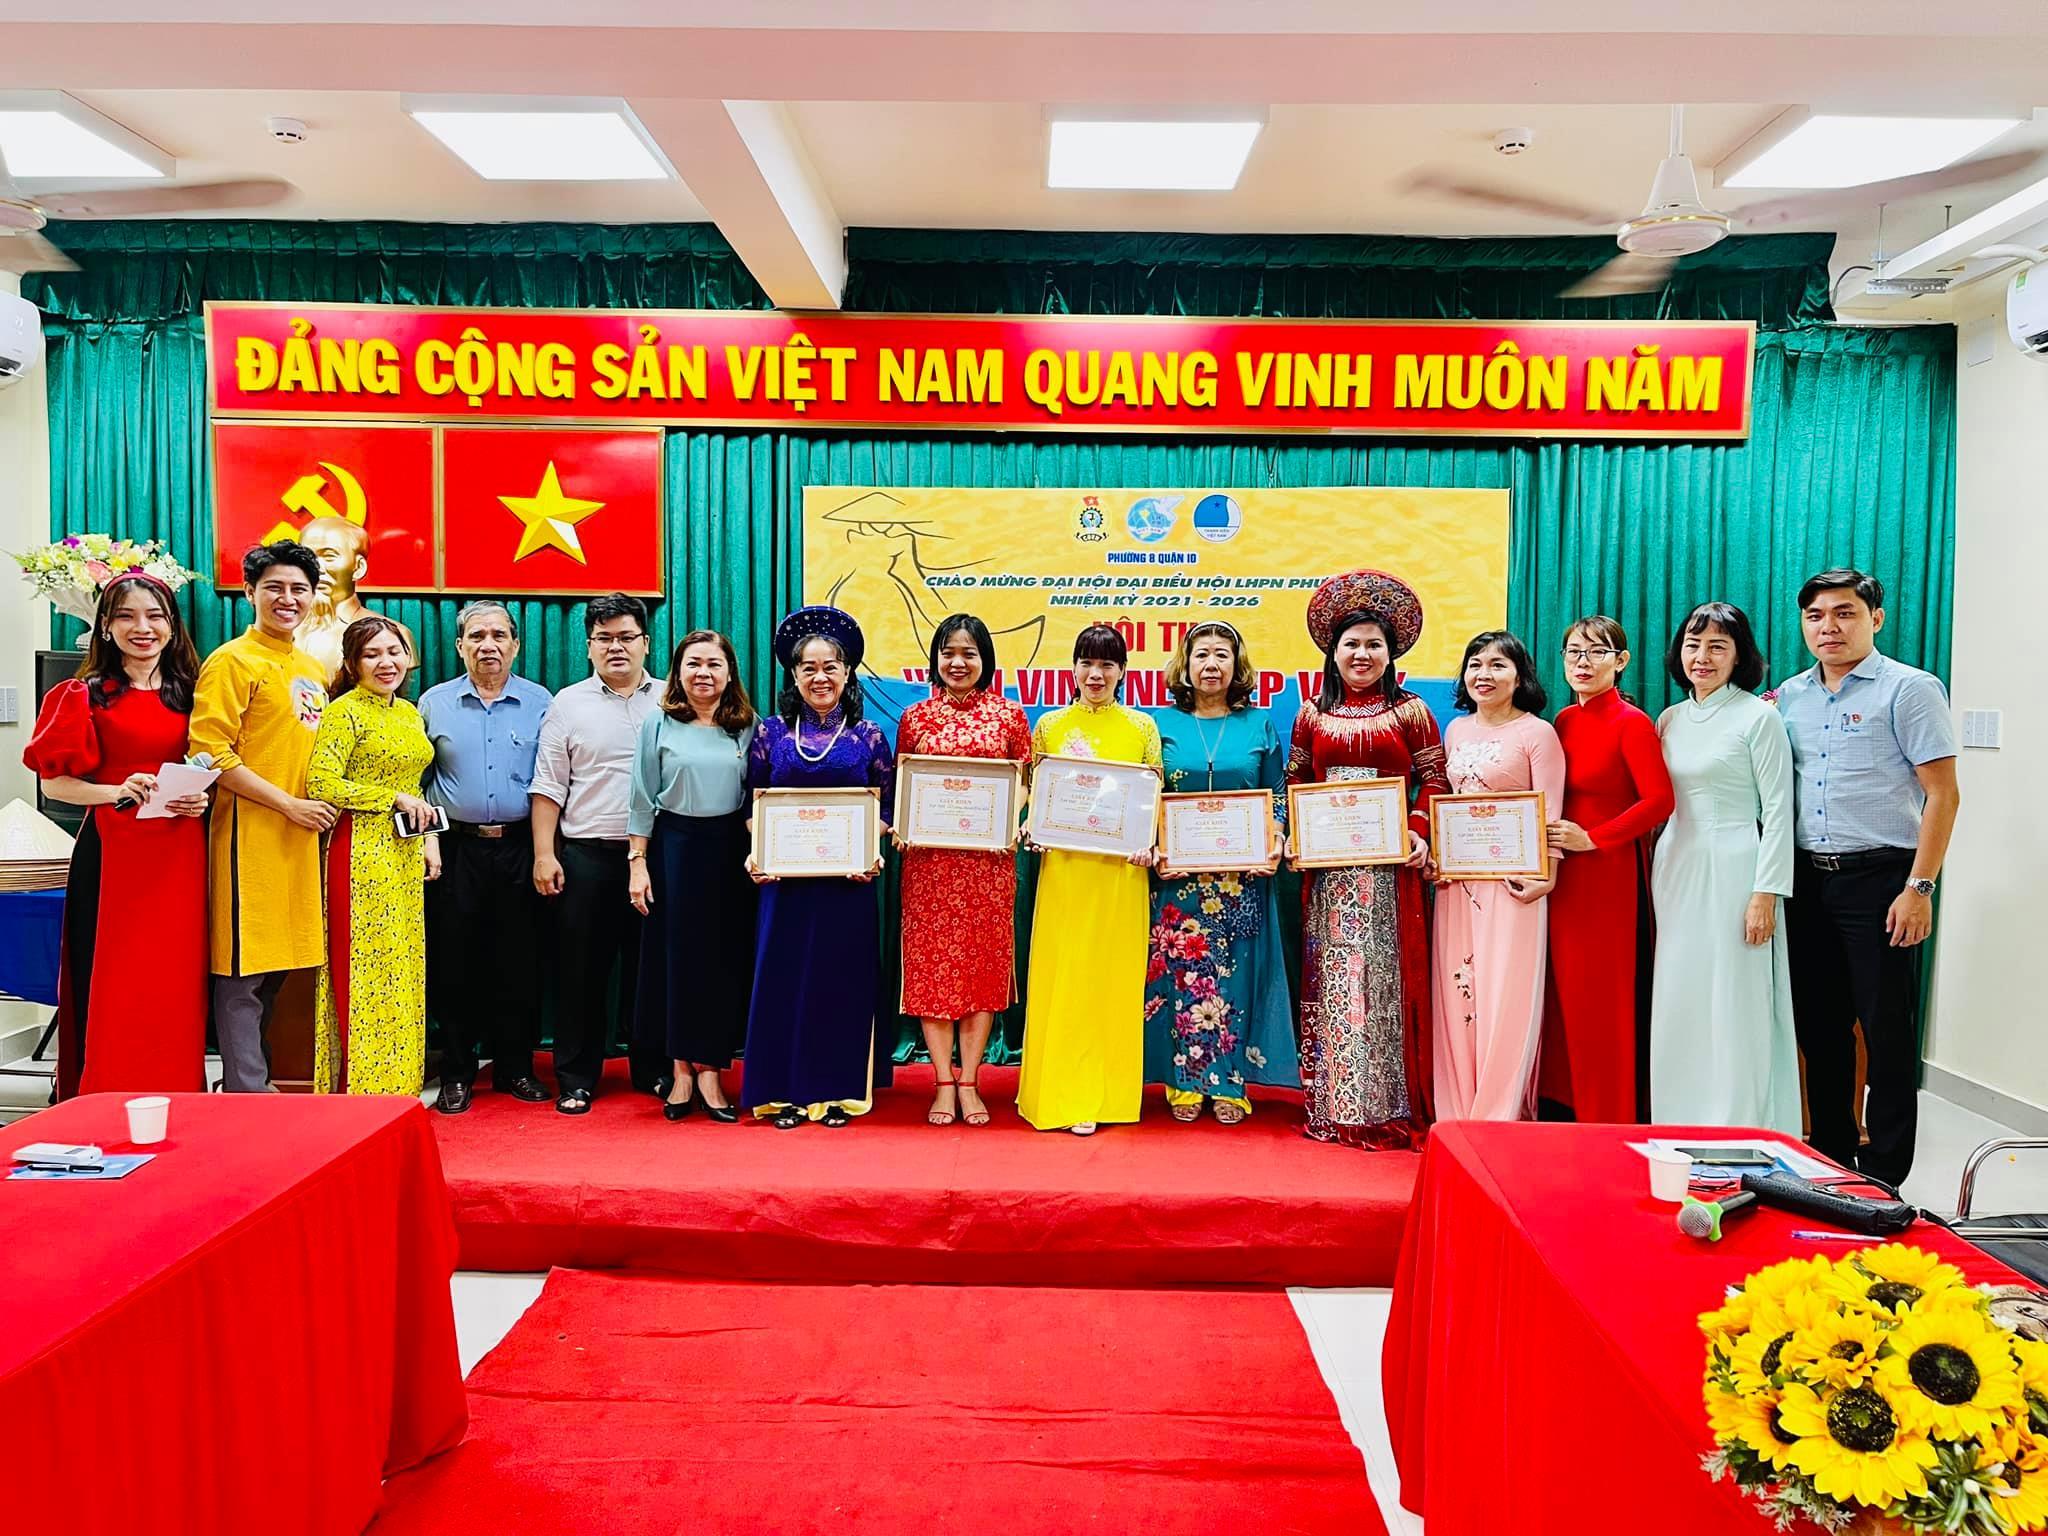 """Phường 8 tổ chức hội thi """"Tôn vinh Nét đẹp Việt"""""""